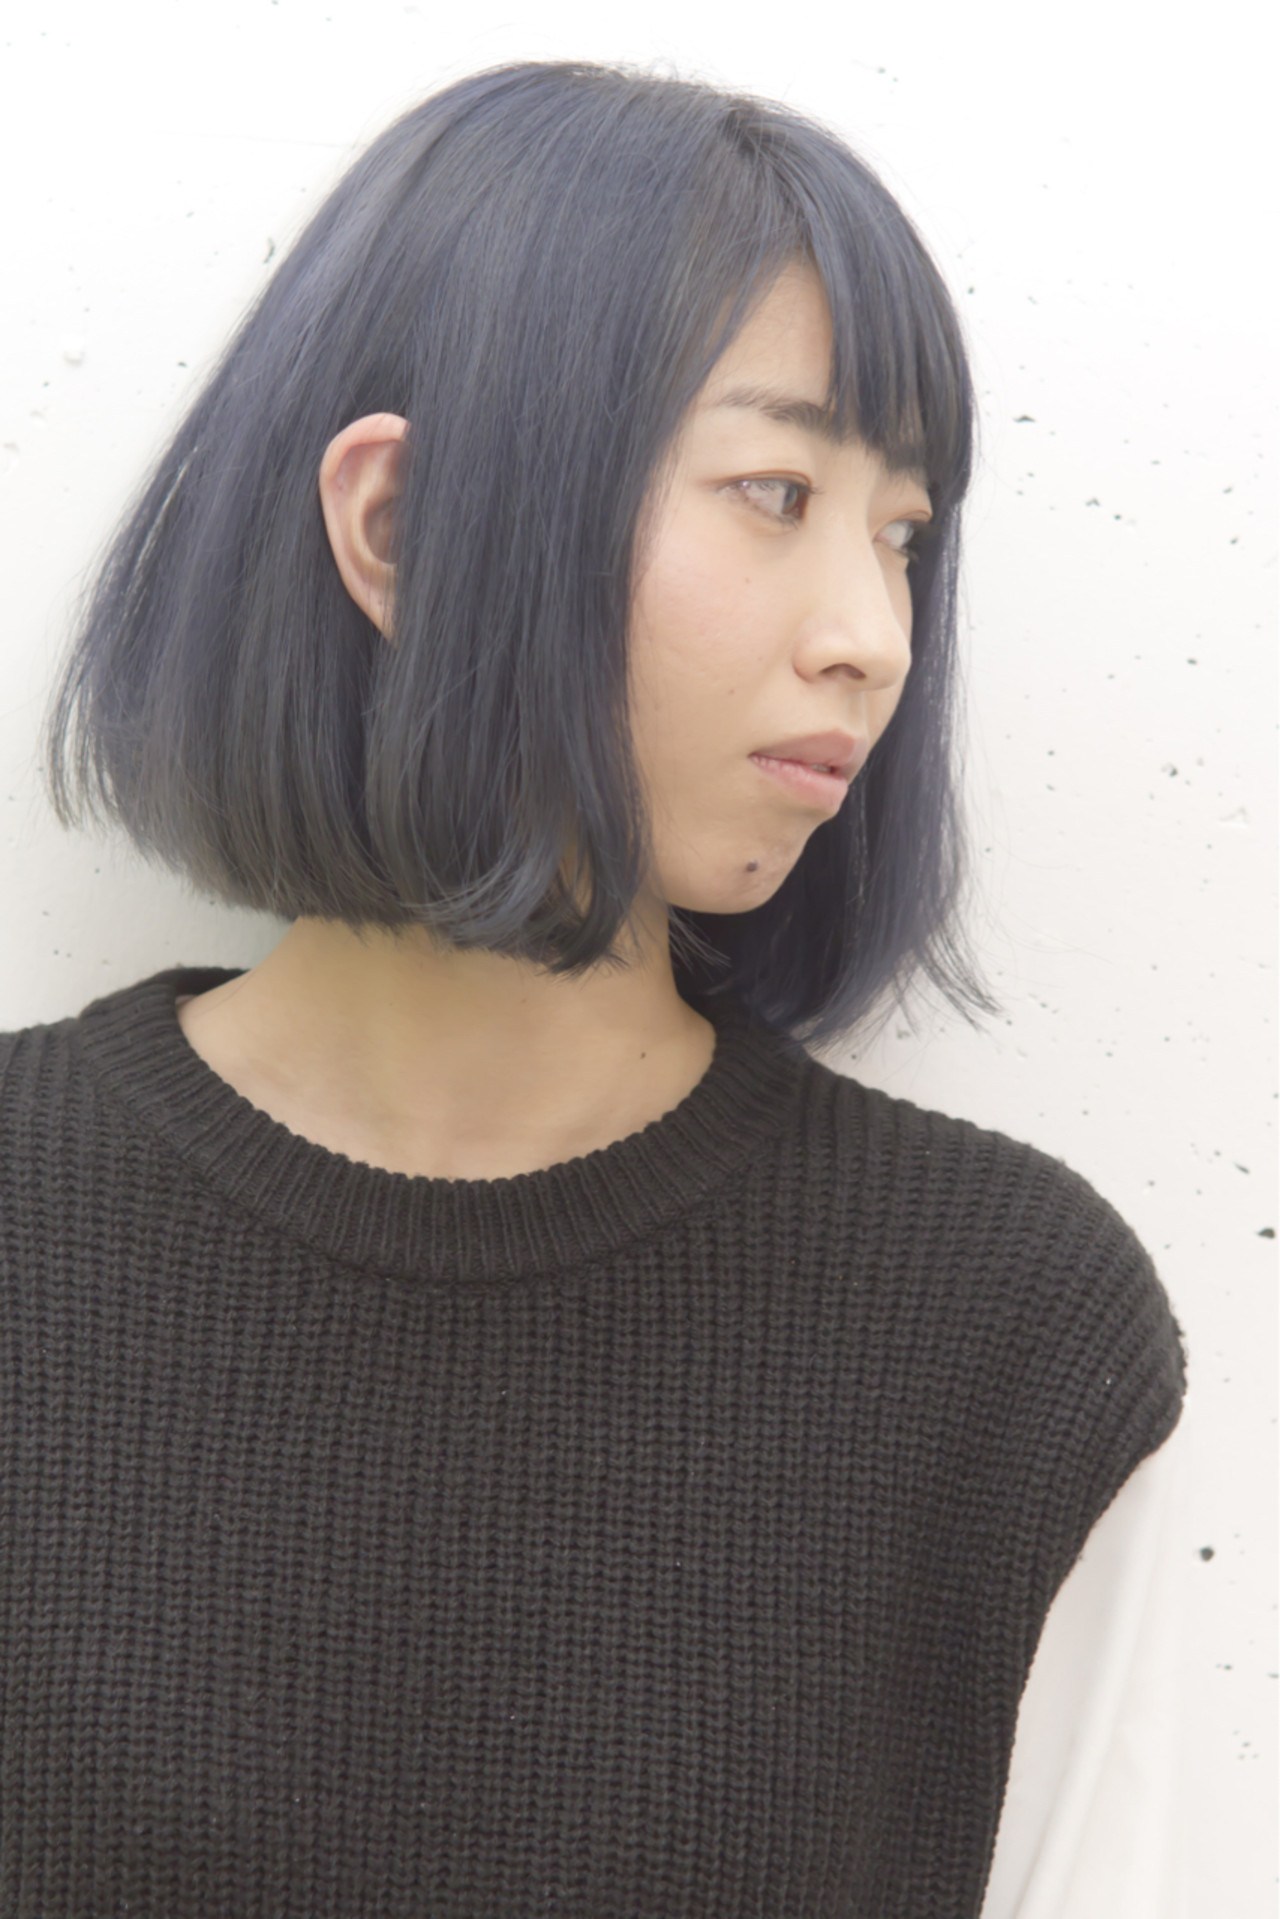 ぶれないオシャレを楽しみたい!ハイセンスな派手髪カタログ。 阿部 辰也 / sowi